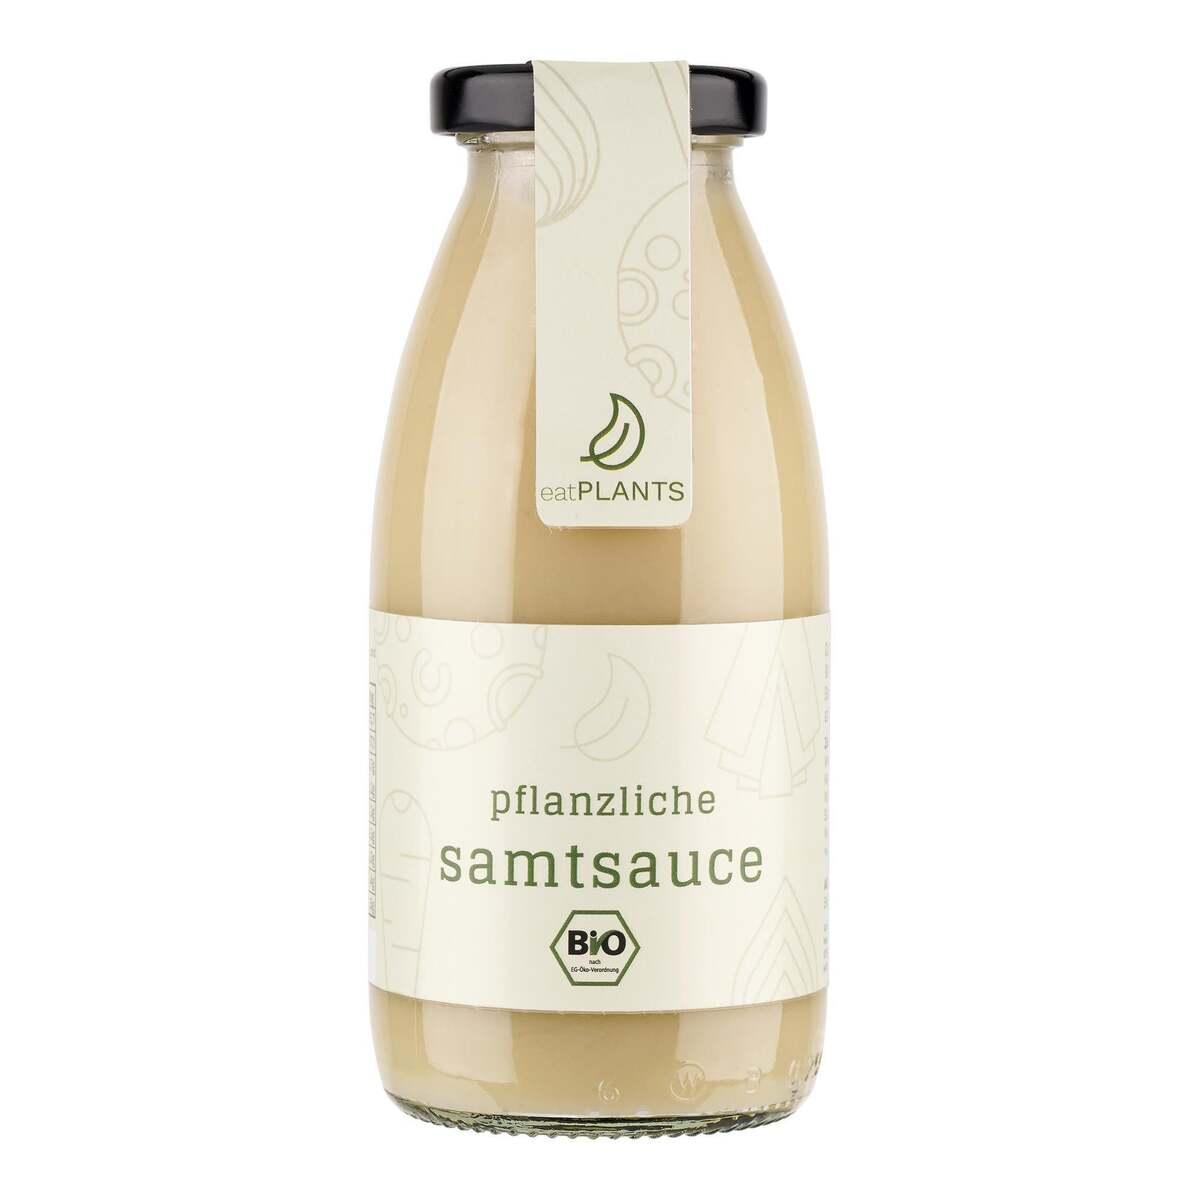 Bild 1 von eatPLANTS Pflanzliche Samtsauce